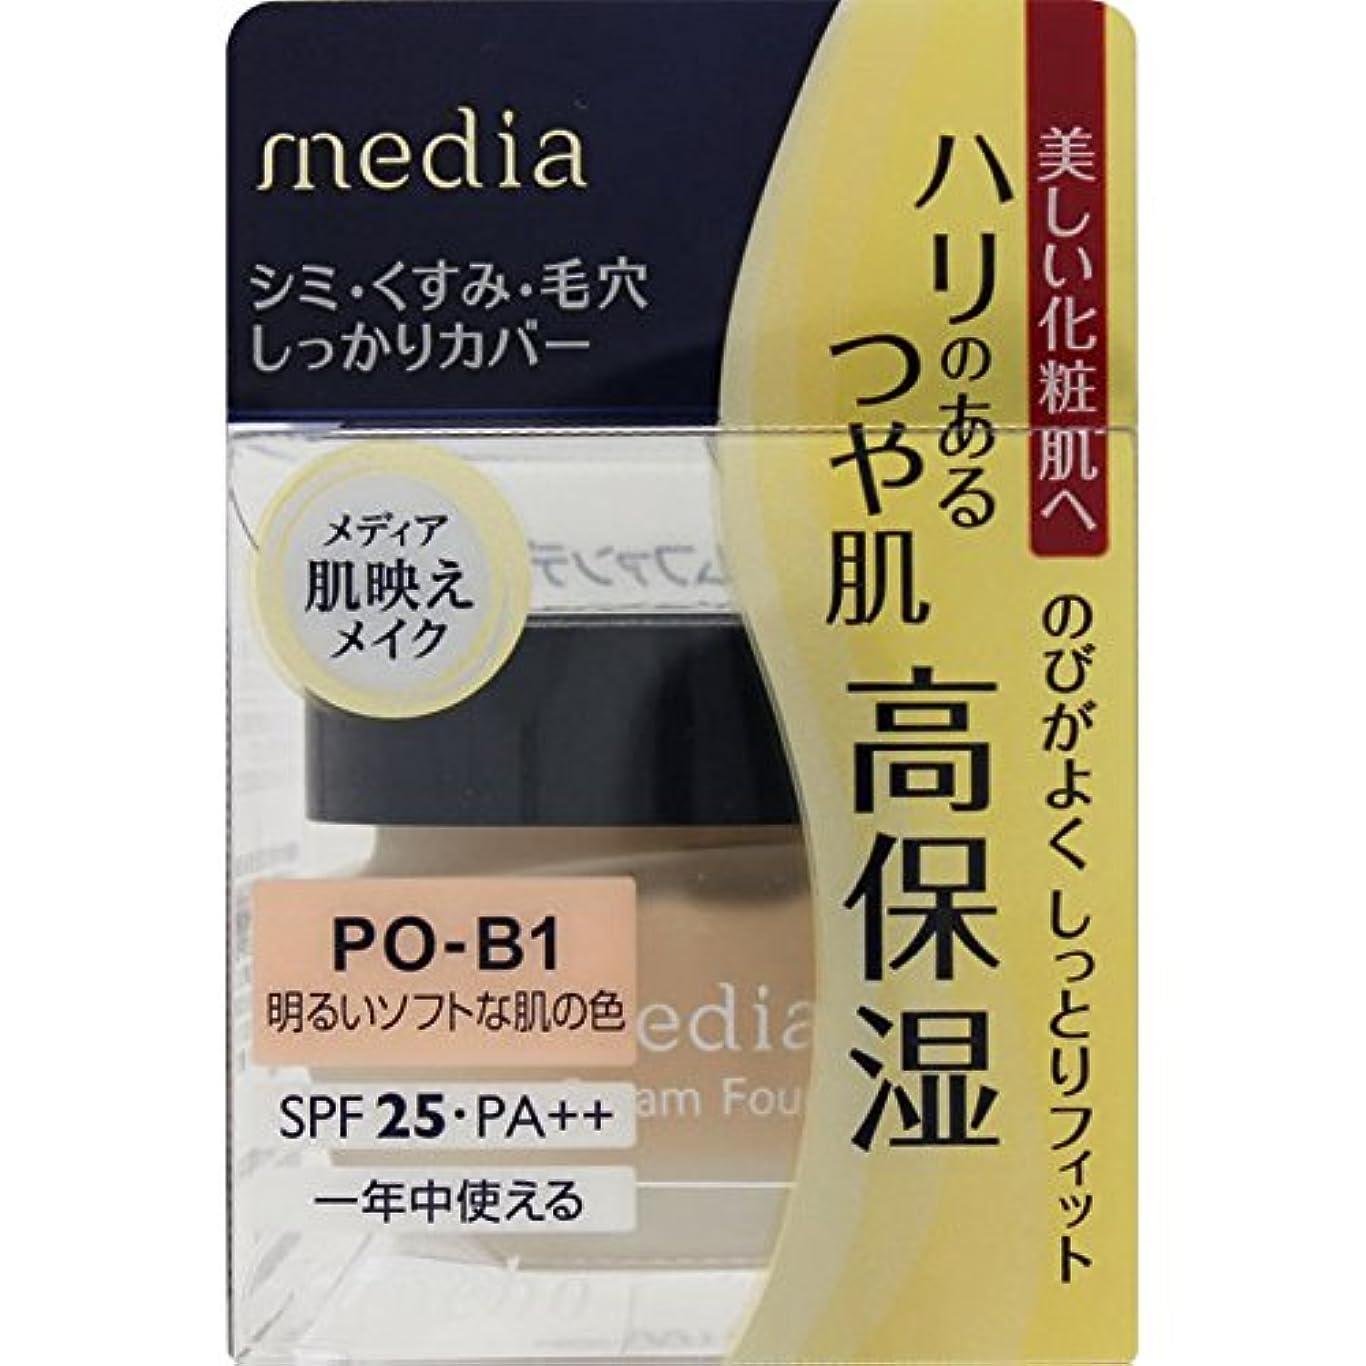 顔料初期の額カネボウ化粧品 メディア クリームファンデーション 明るいソフトな肌の色 POーB1